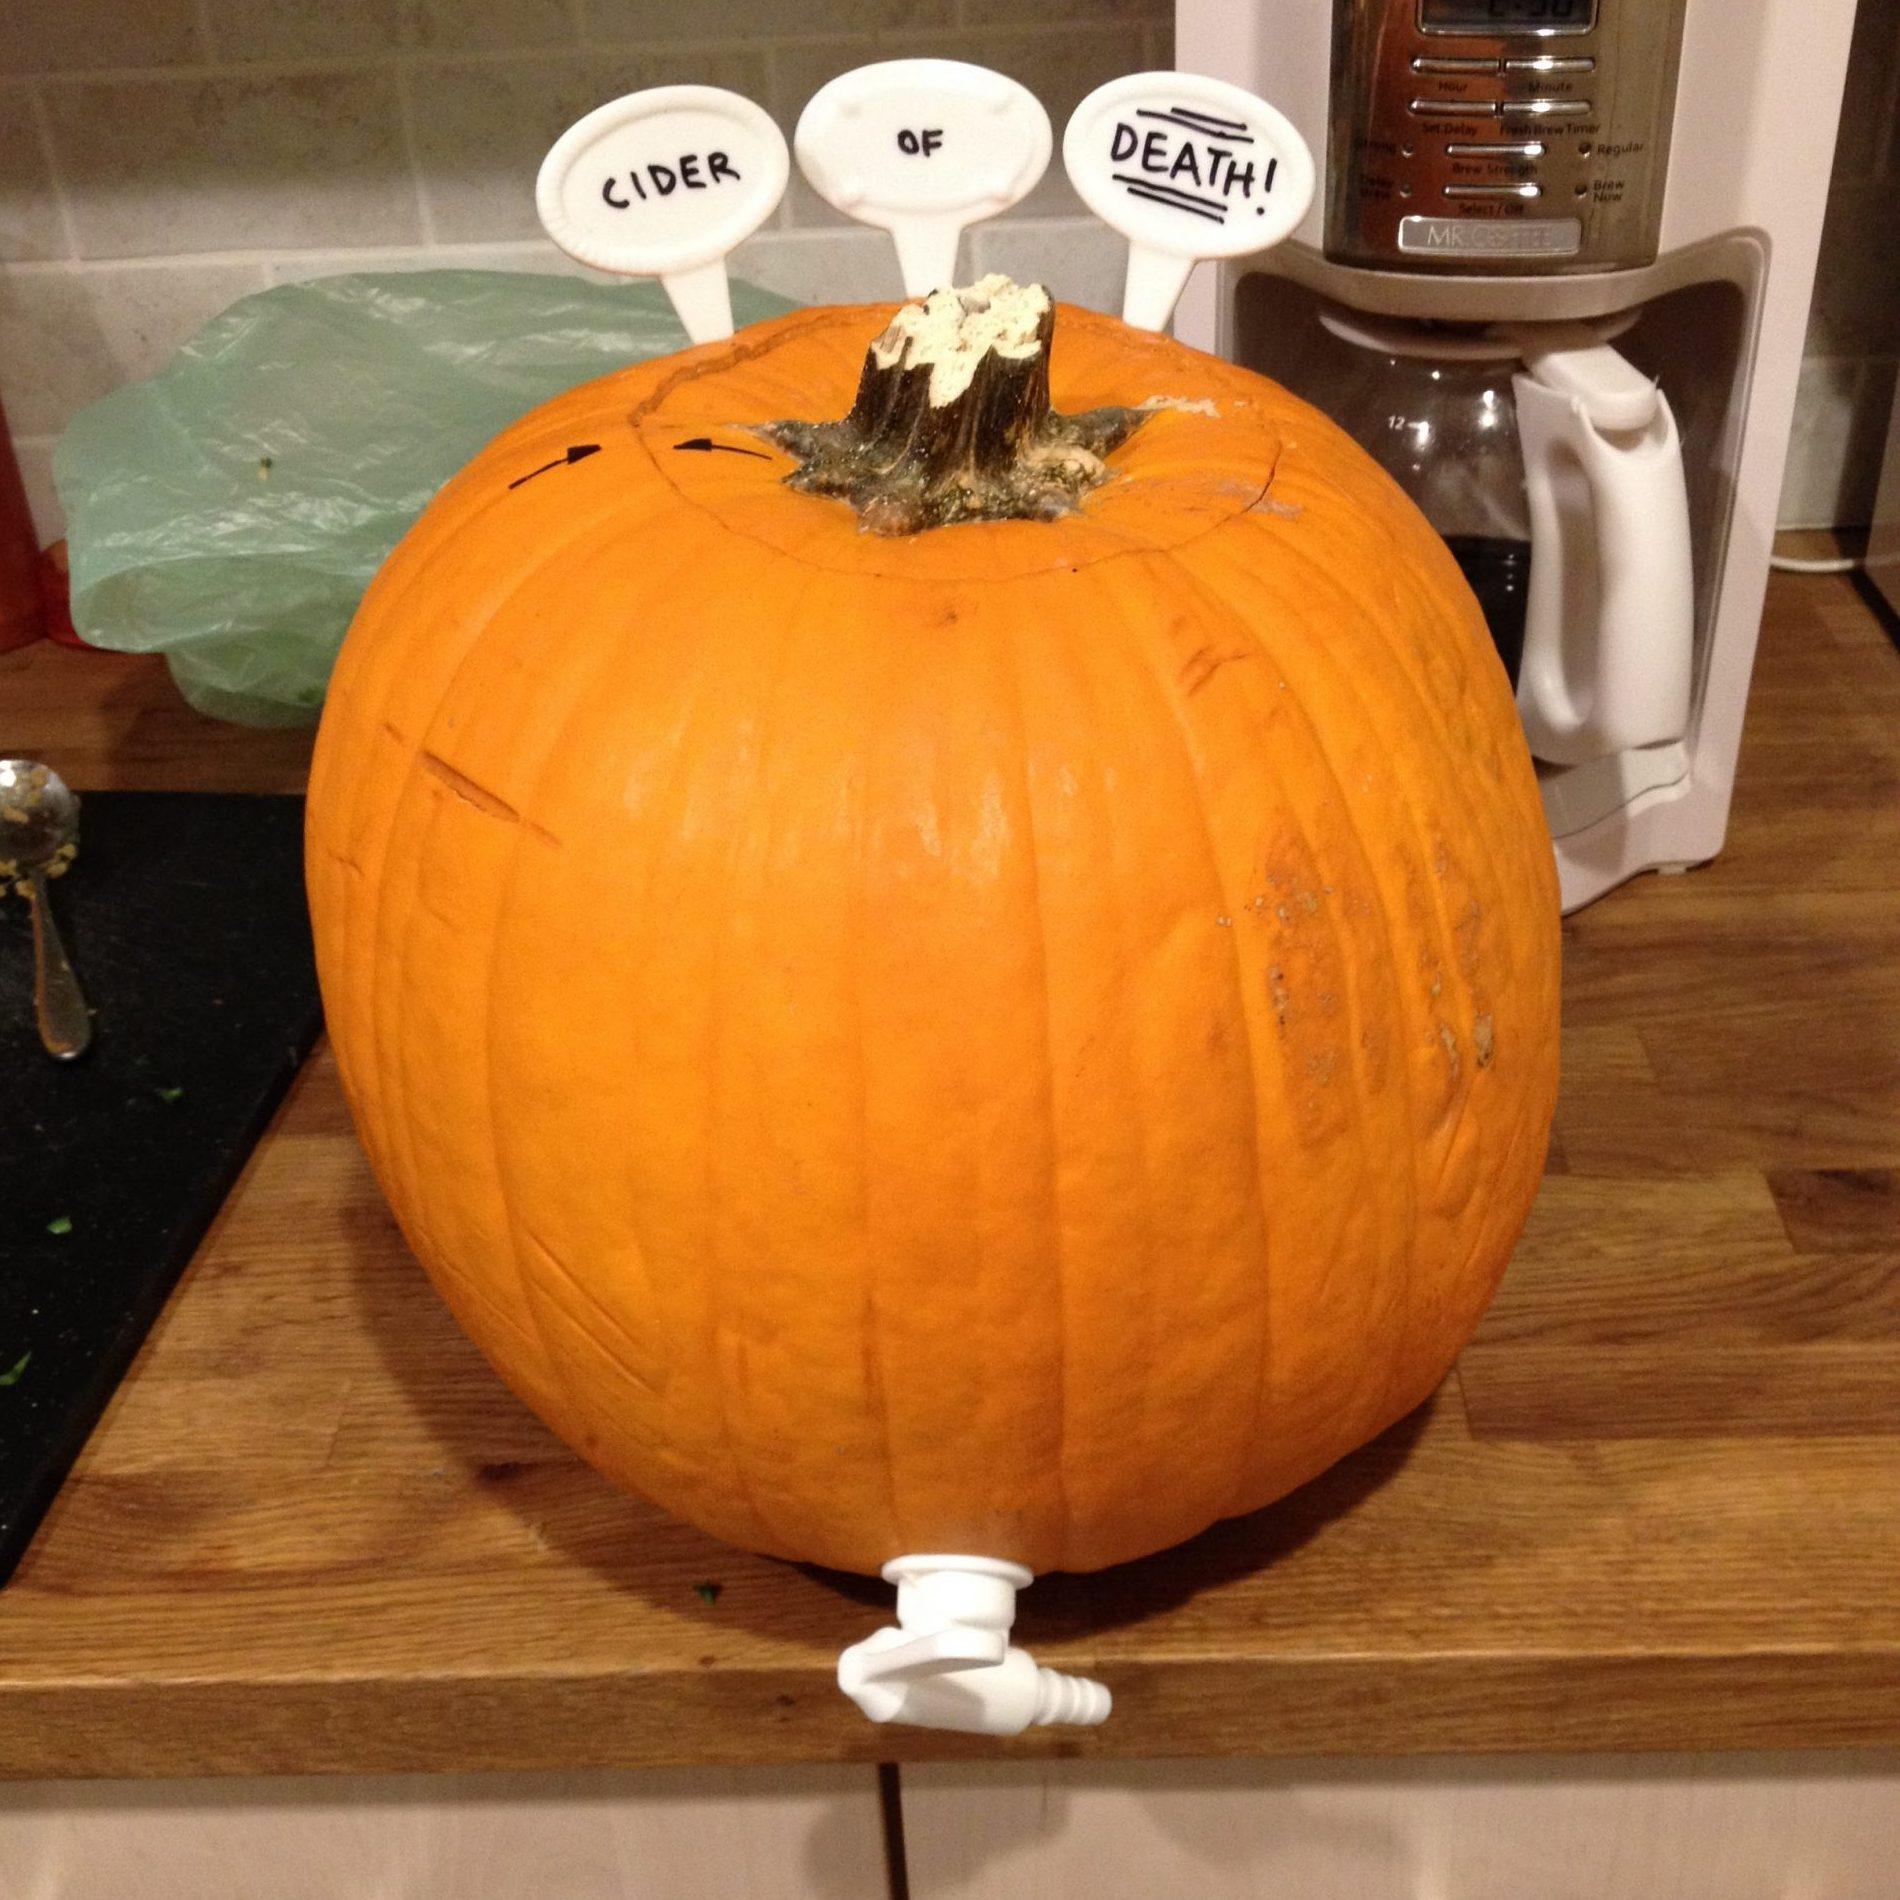 Pumpkin keg with spigot